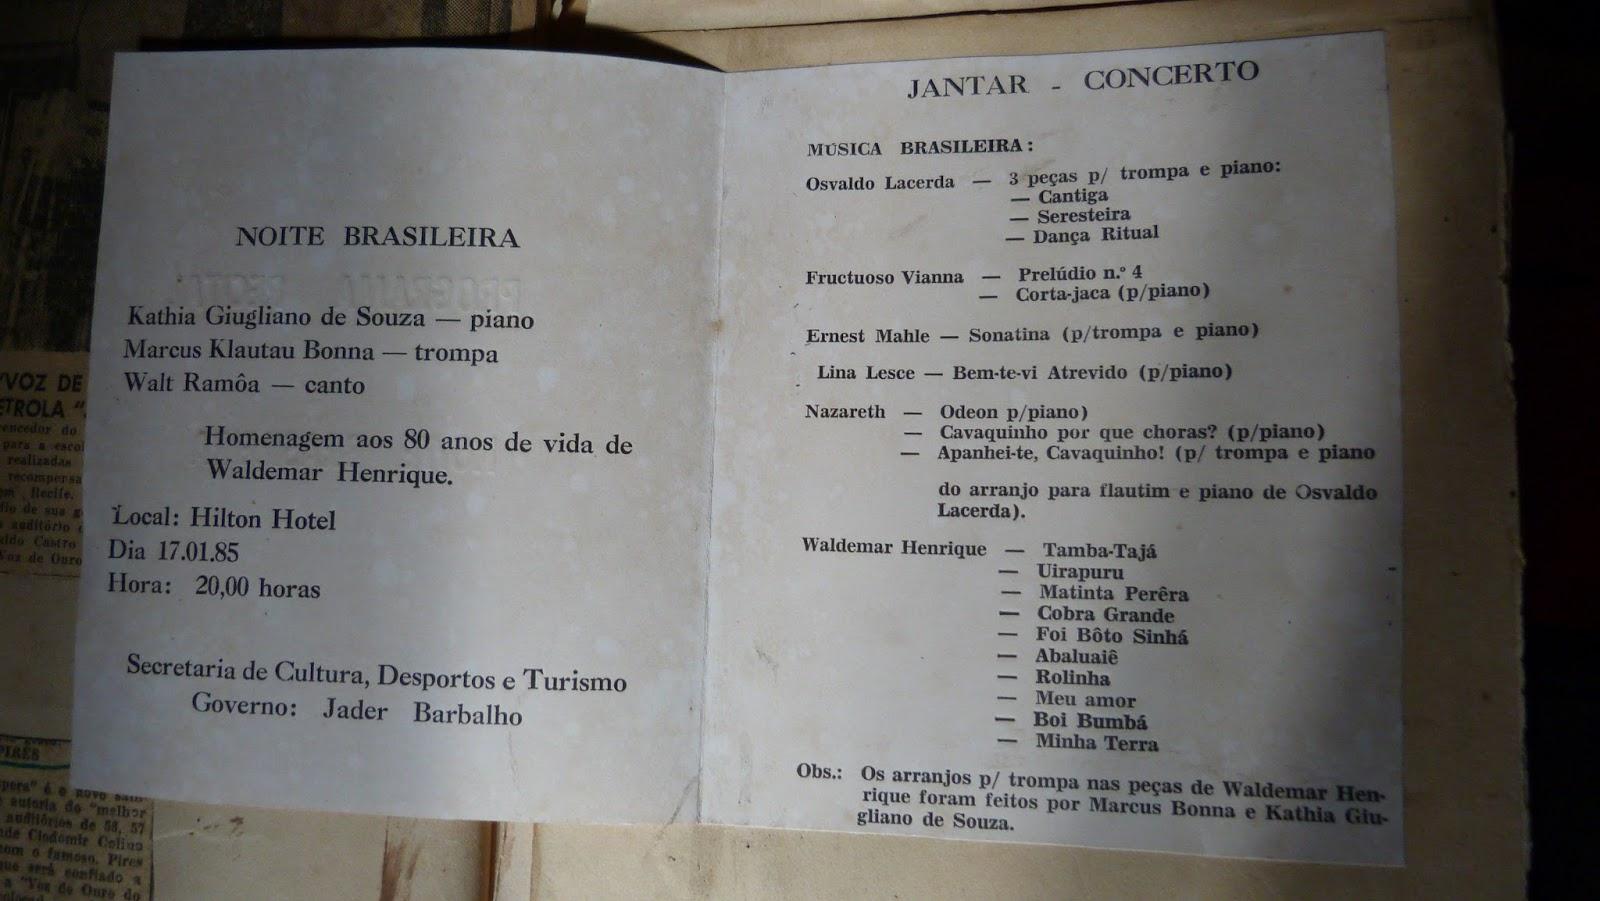 Blog do hektor 2016 wr foi no hilton hotel em belm em 1985 por ocasio dos 80 anos do maestro cantei dez msicas uirapuru tamba taj boi bumb fandeluxe Gallery